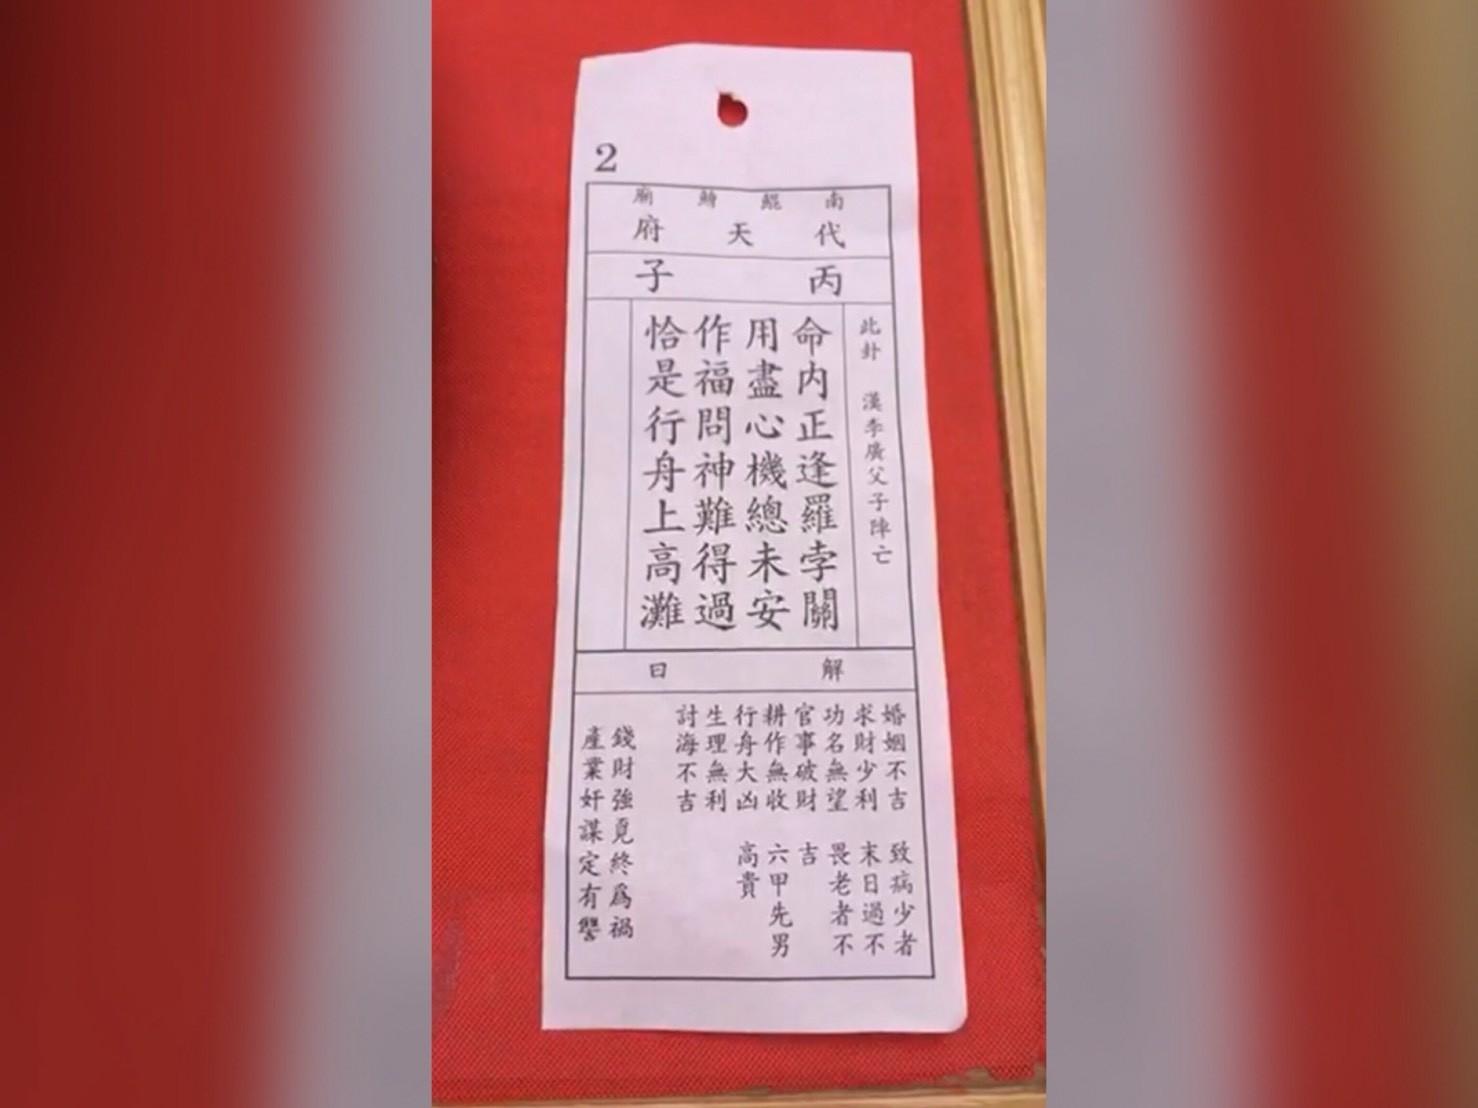 """台南著名古庙连续两年台湾抽出""""下下签"""" 四句诗没一句好话"""